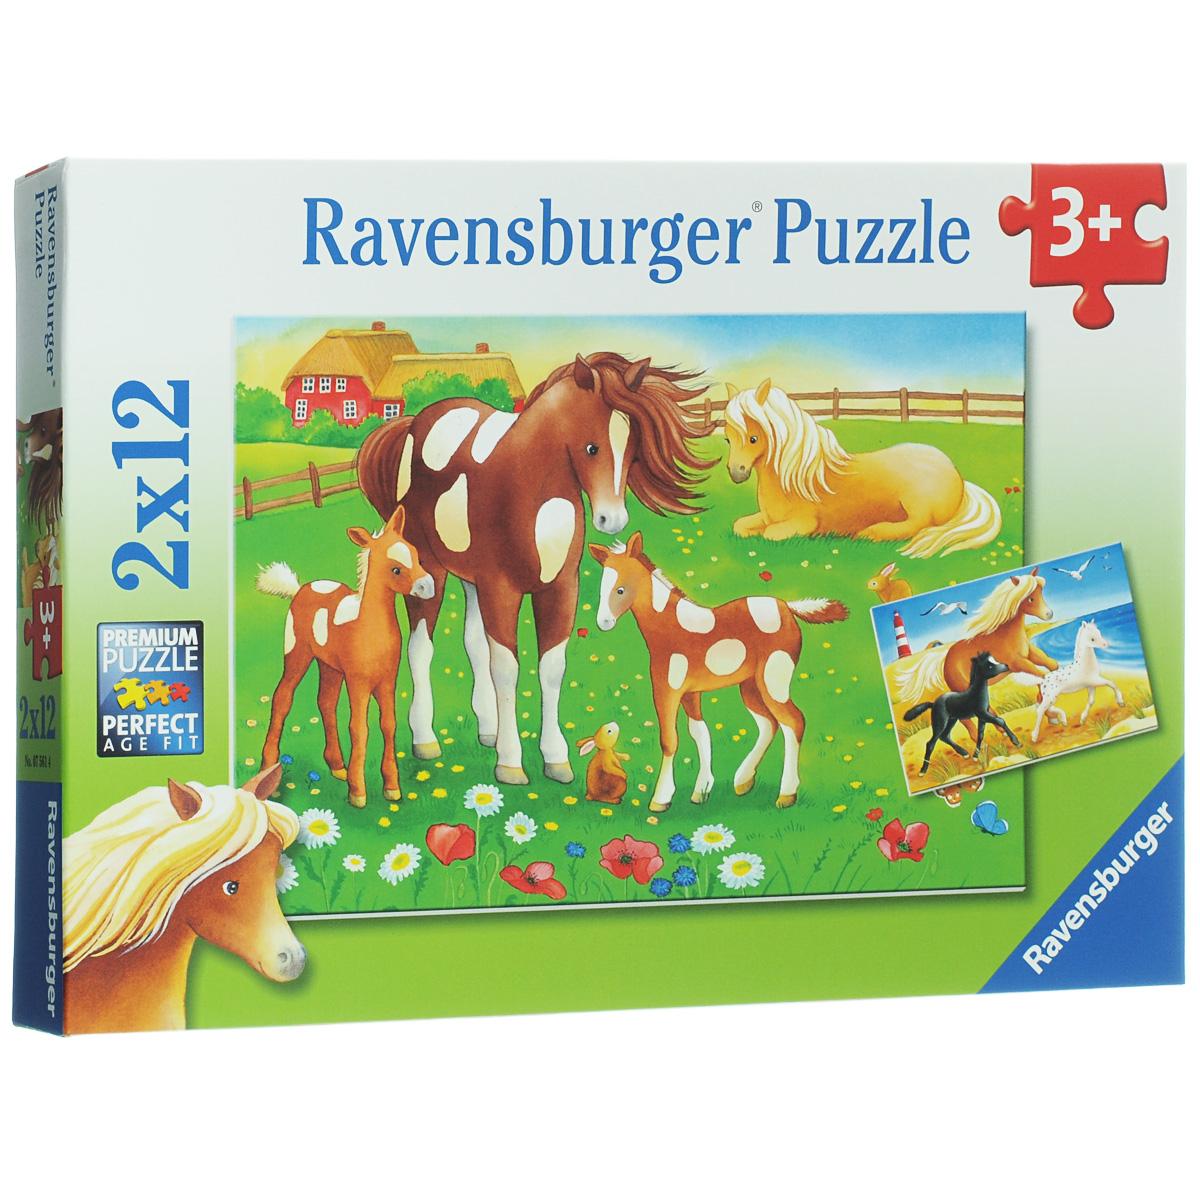 Ravensburger Красивые лошадки. Пазл 2х12 элементов07561Пазлы Ravensburger Красивые лошадки привлекут внимание вашего малыша и познакомят его с чудесным миром животных. Комплект включает 24 элемента, с помощью которых ребенок сможет собрать два пазла с изображениями лошадки с жеребятами. Благодаря прочному материалу детали пазлов легко крепятся между собой, а крупный размер деталей будет удобен для маленьких ручек малыша. Игра с таким пазлом поможет ребенку в развитии логического мышления, воображения, памяти и мелкой моторики рук.